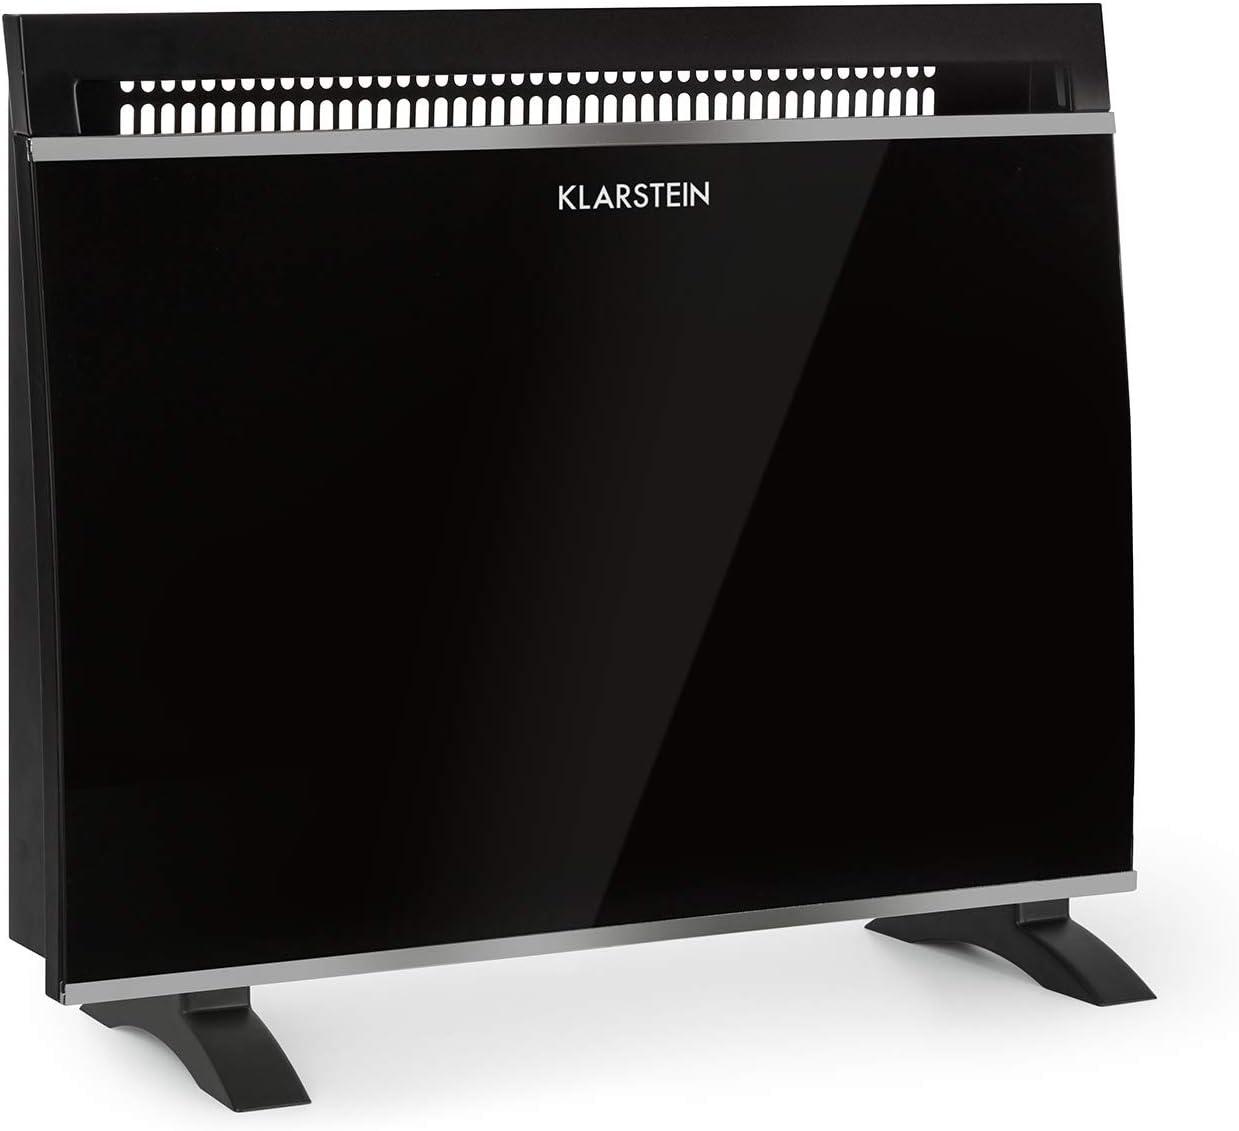 Klarstein Gotland - Convector de Vidrio, Potencia 3 Niveles: 600, 900 y 1500W, Radiador con Perilla y termostato, Seguro de Temperatura Integrado, Aparato de Suelo, Diseño Moderno, Negro